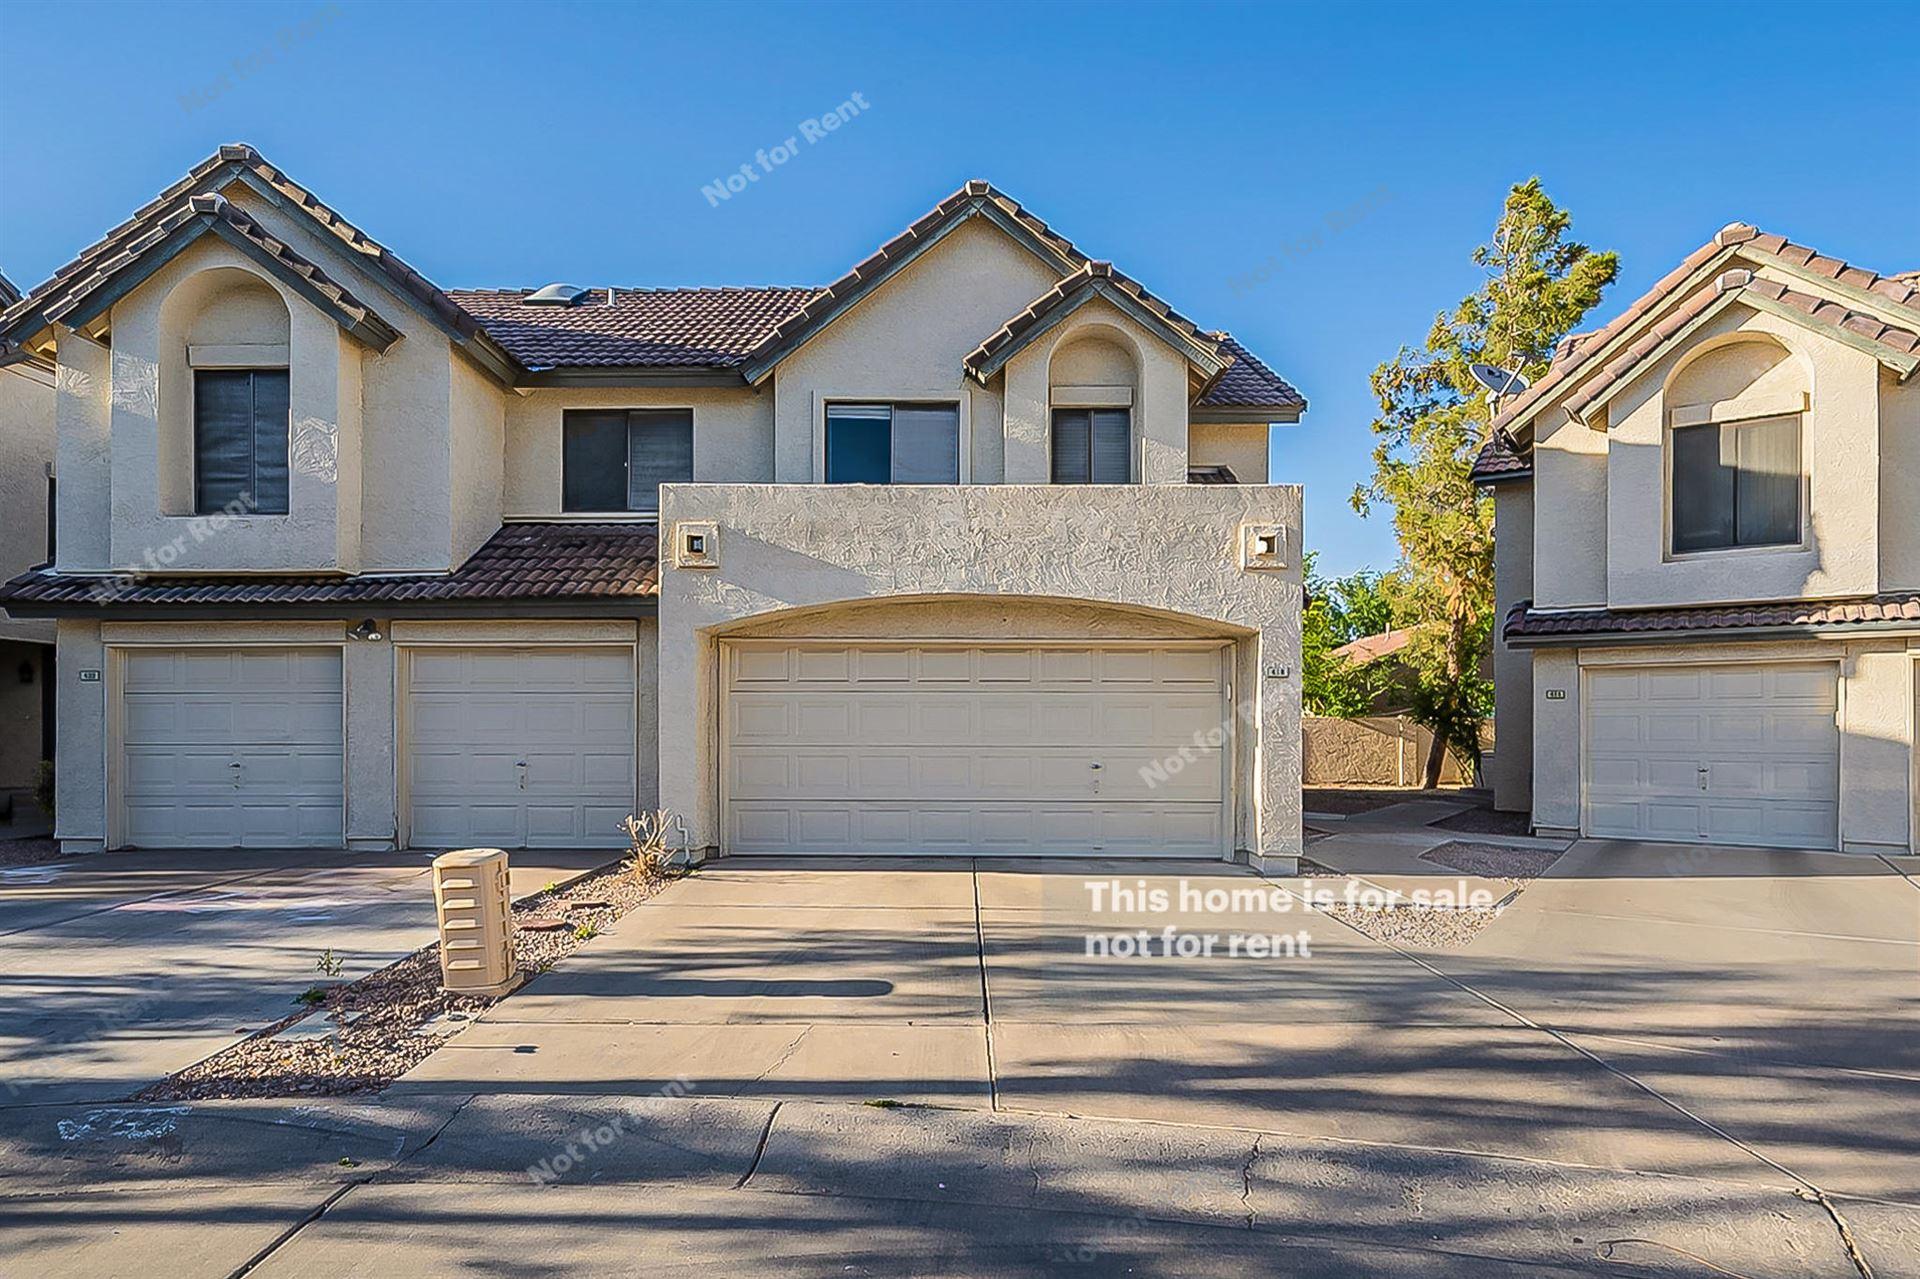 418 S SEAWYNDS Boulevard, Gilbert, AZ 85233 - MLS#: 6220141